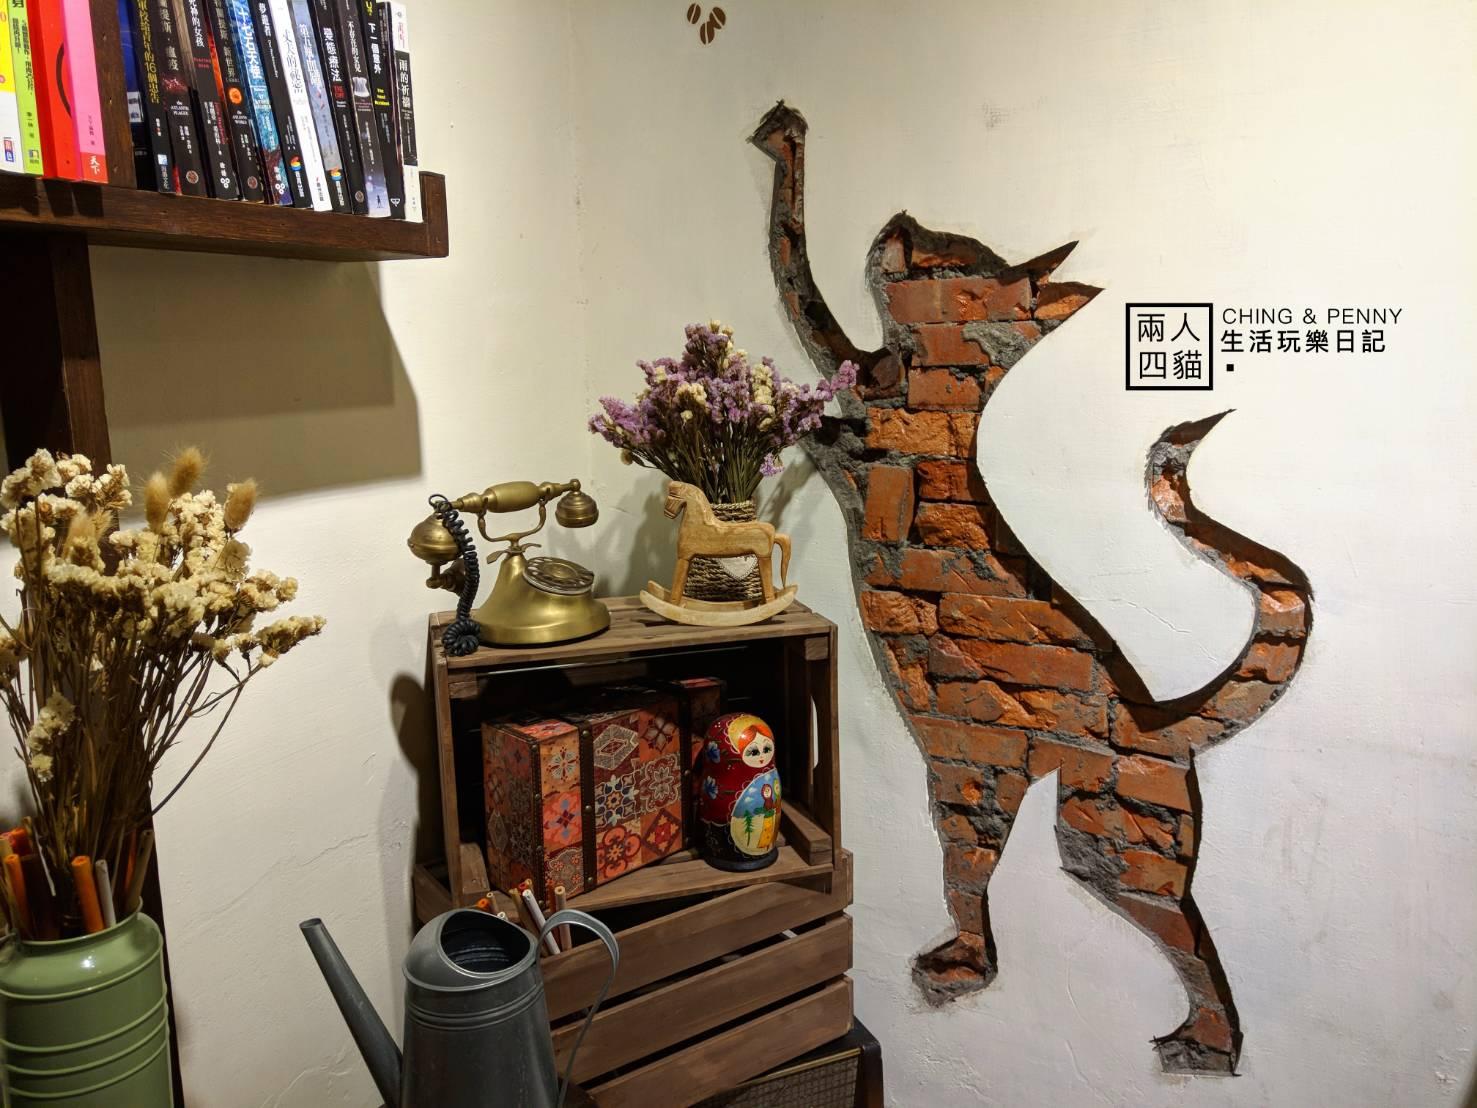 【板橋|美食】牆壁藏有一隻貓? 寵物友善餐廳【翁林.林Cafe】 處處可見老闆用心 板橋不限時、免費WIFI咖啡廳